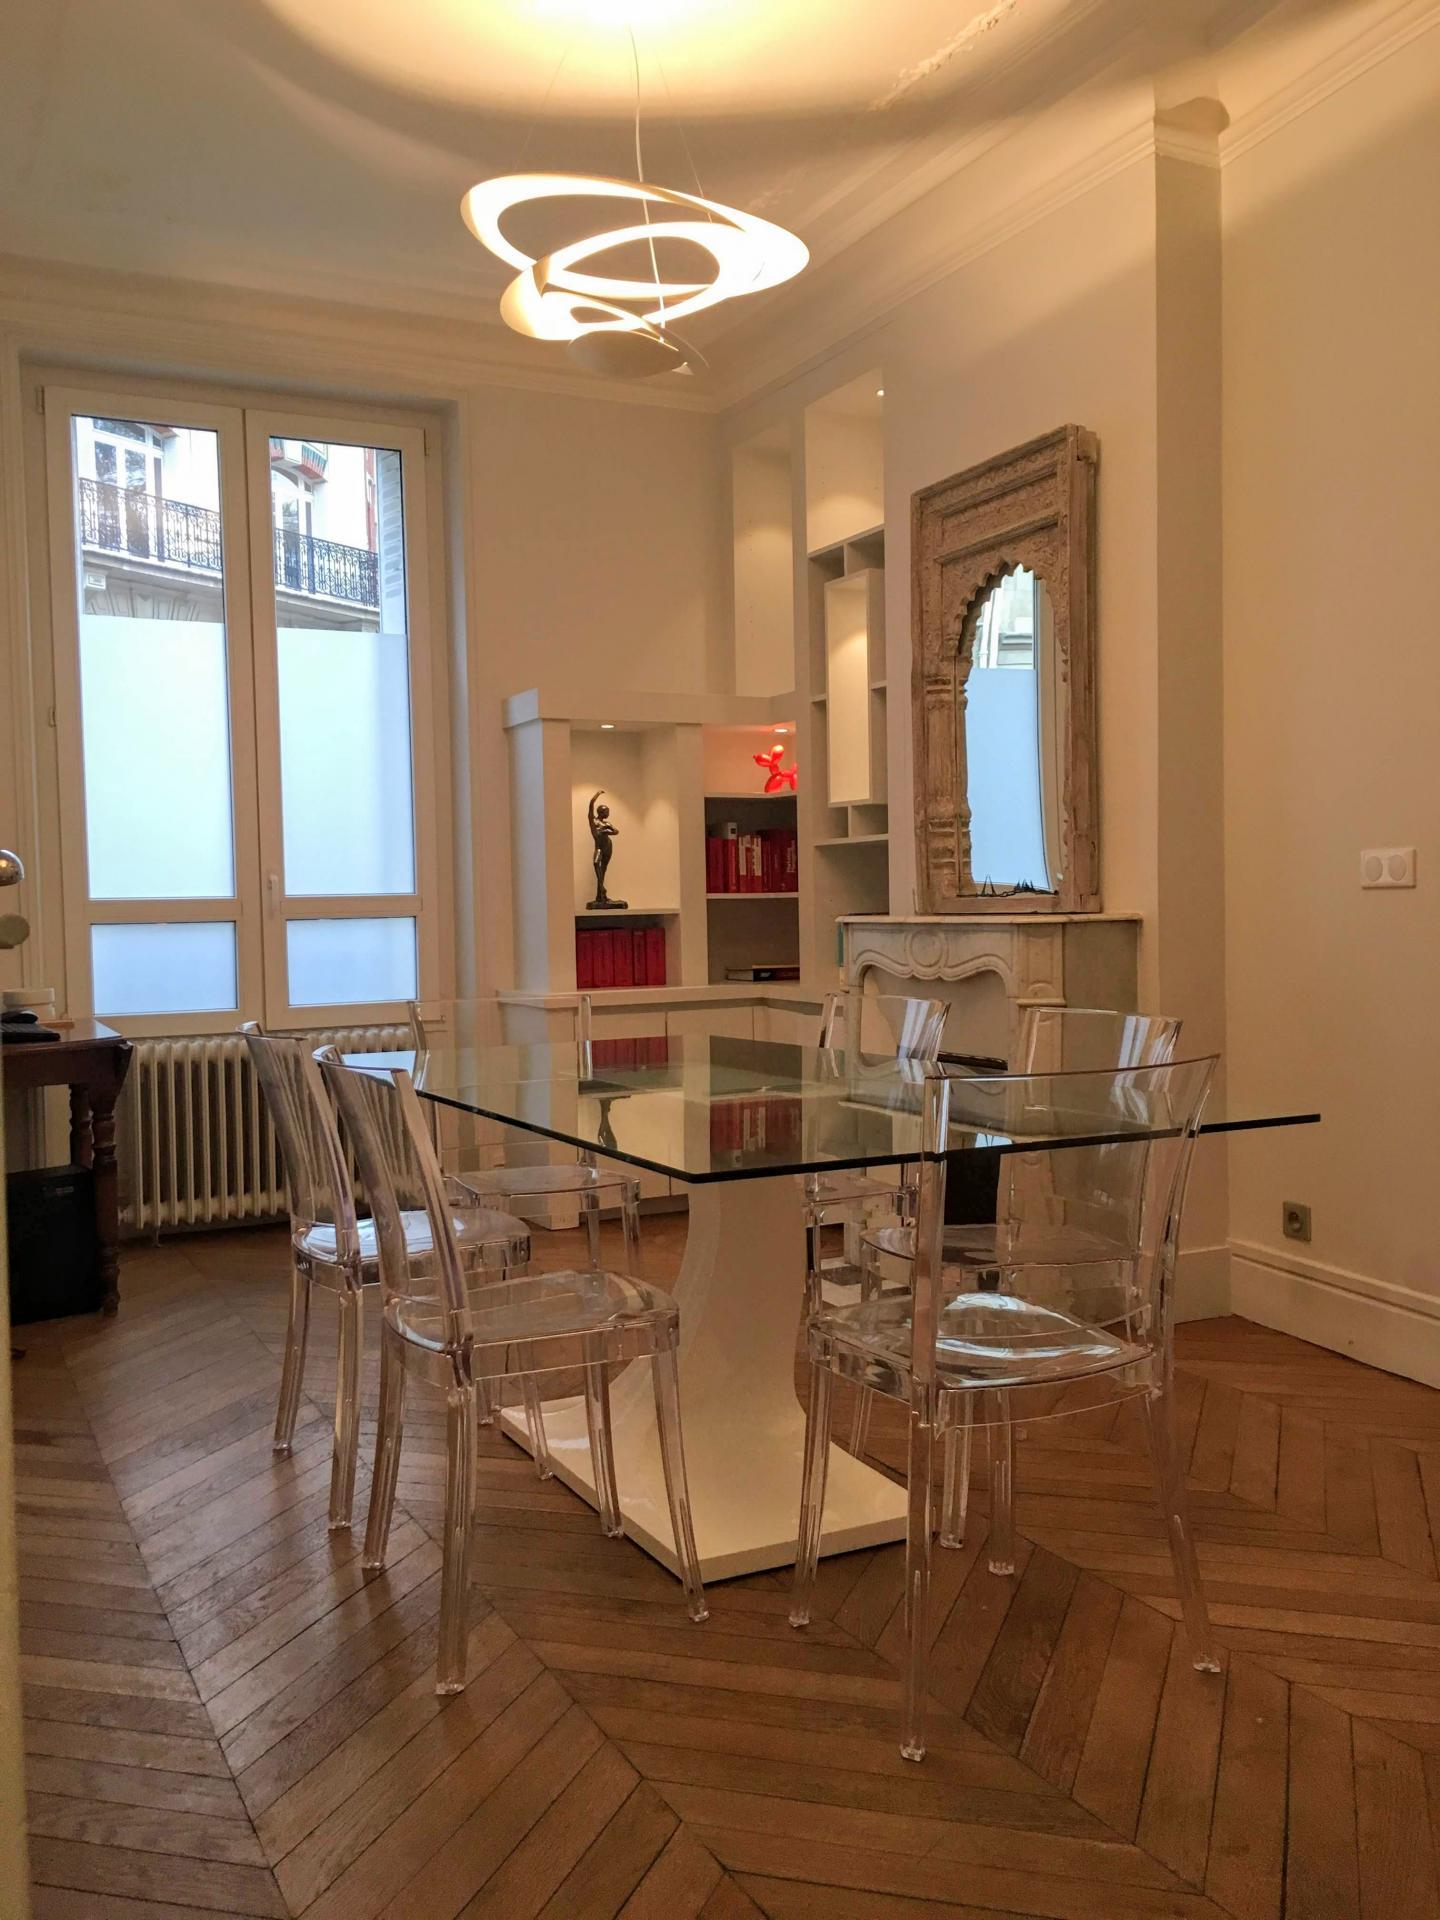 Appartement/bureau prof lib 5 pièces 86m2 Pont de Neuilly